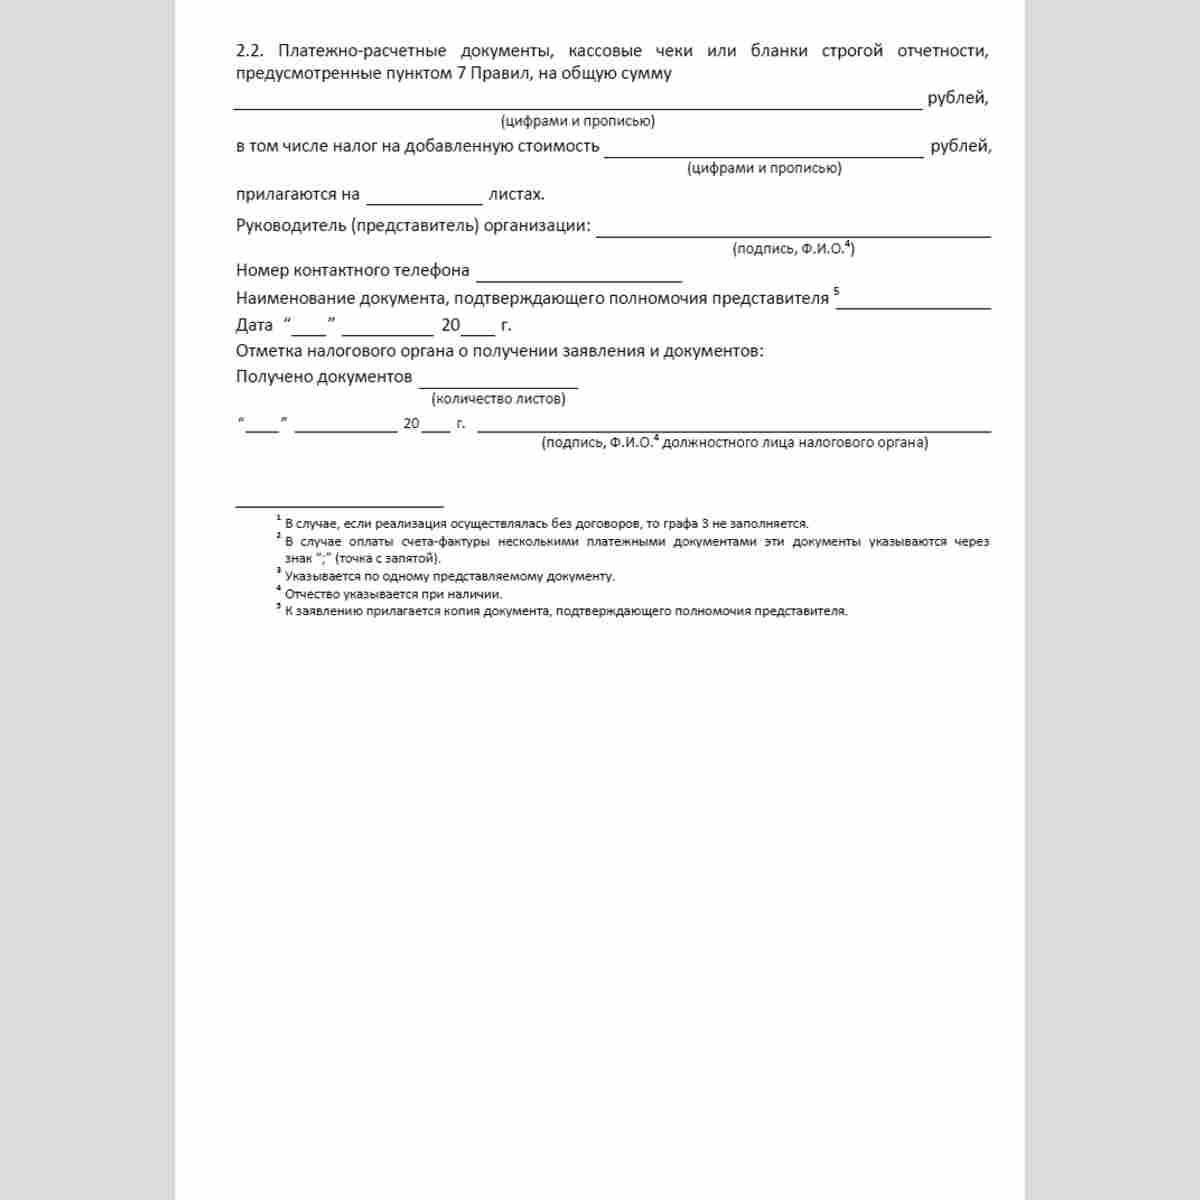 """Форма КНД 1151151 """"Заявление о возмещении налога на добавленную стоимость, уплаченного при приобретении товаров (работ, услуг) и имущественных прав организациями, указанными в подпункте 13 пункта 1 статьи 164 Налогового кодекса Российской Федерации"""". Стр."""